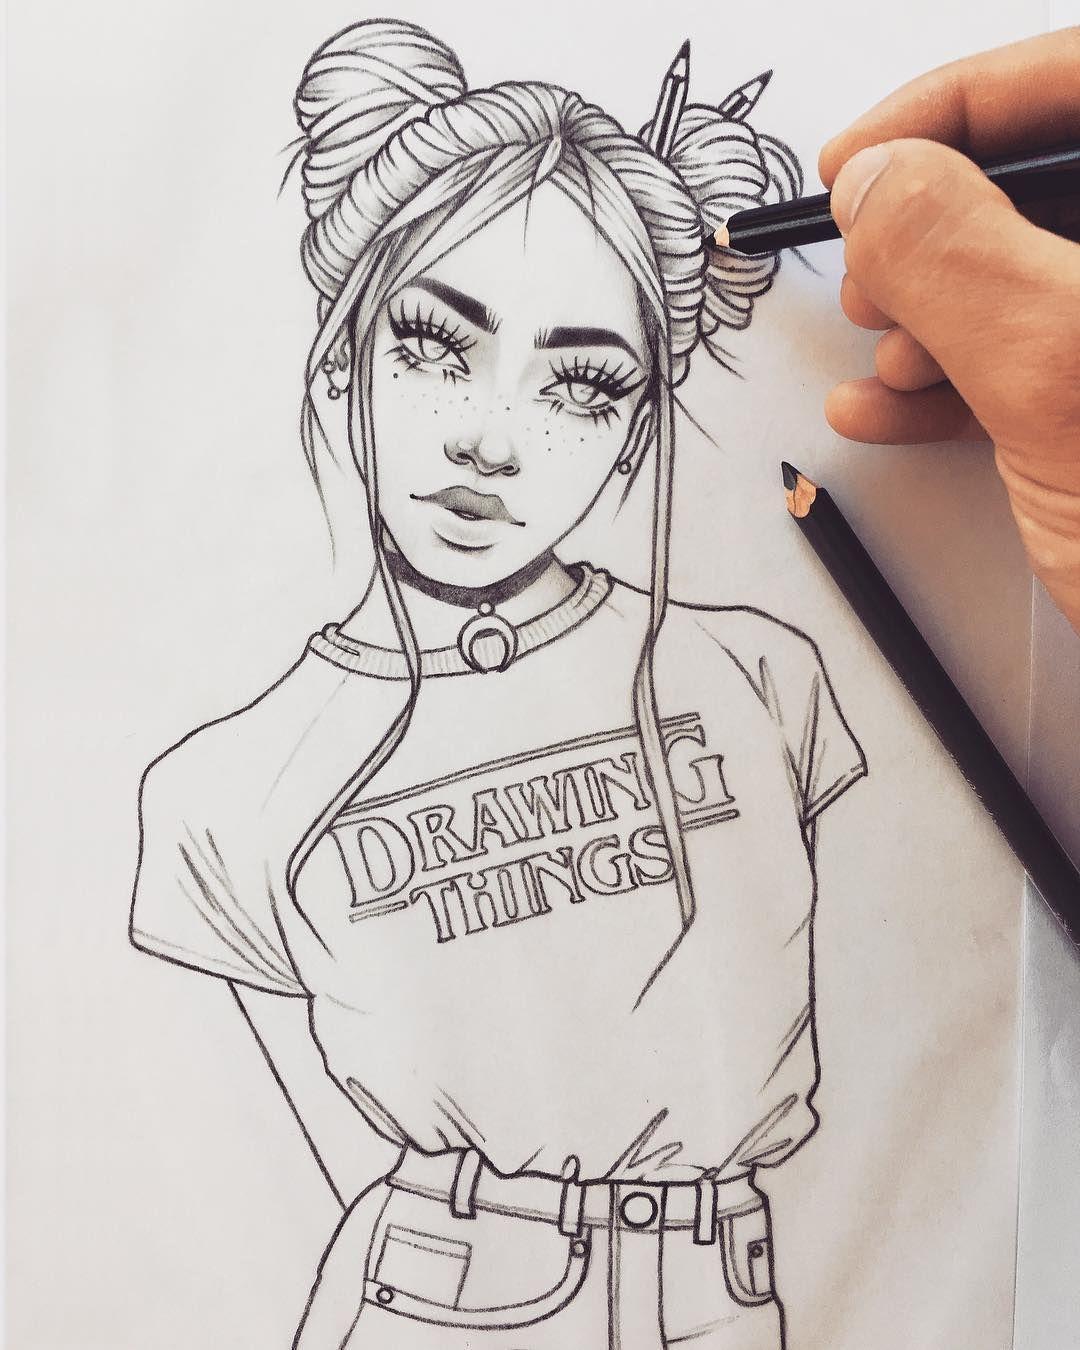 kunst tegning